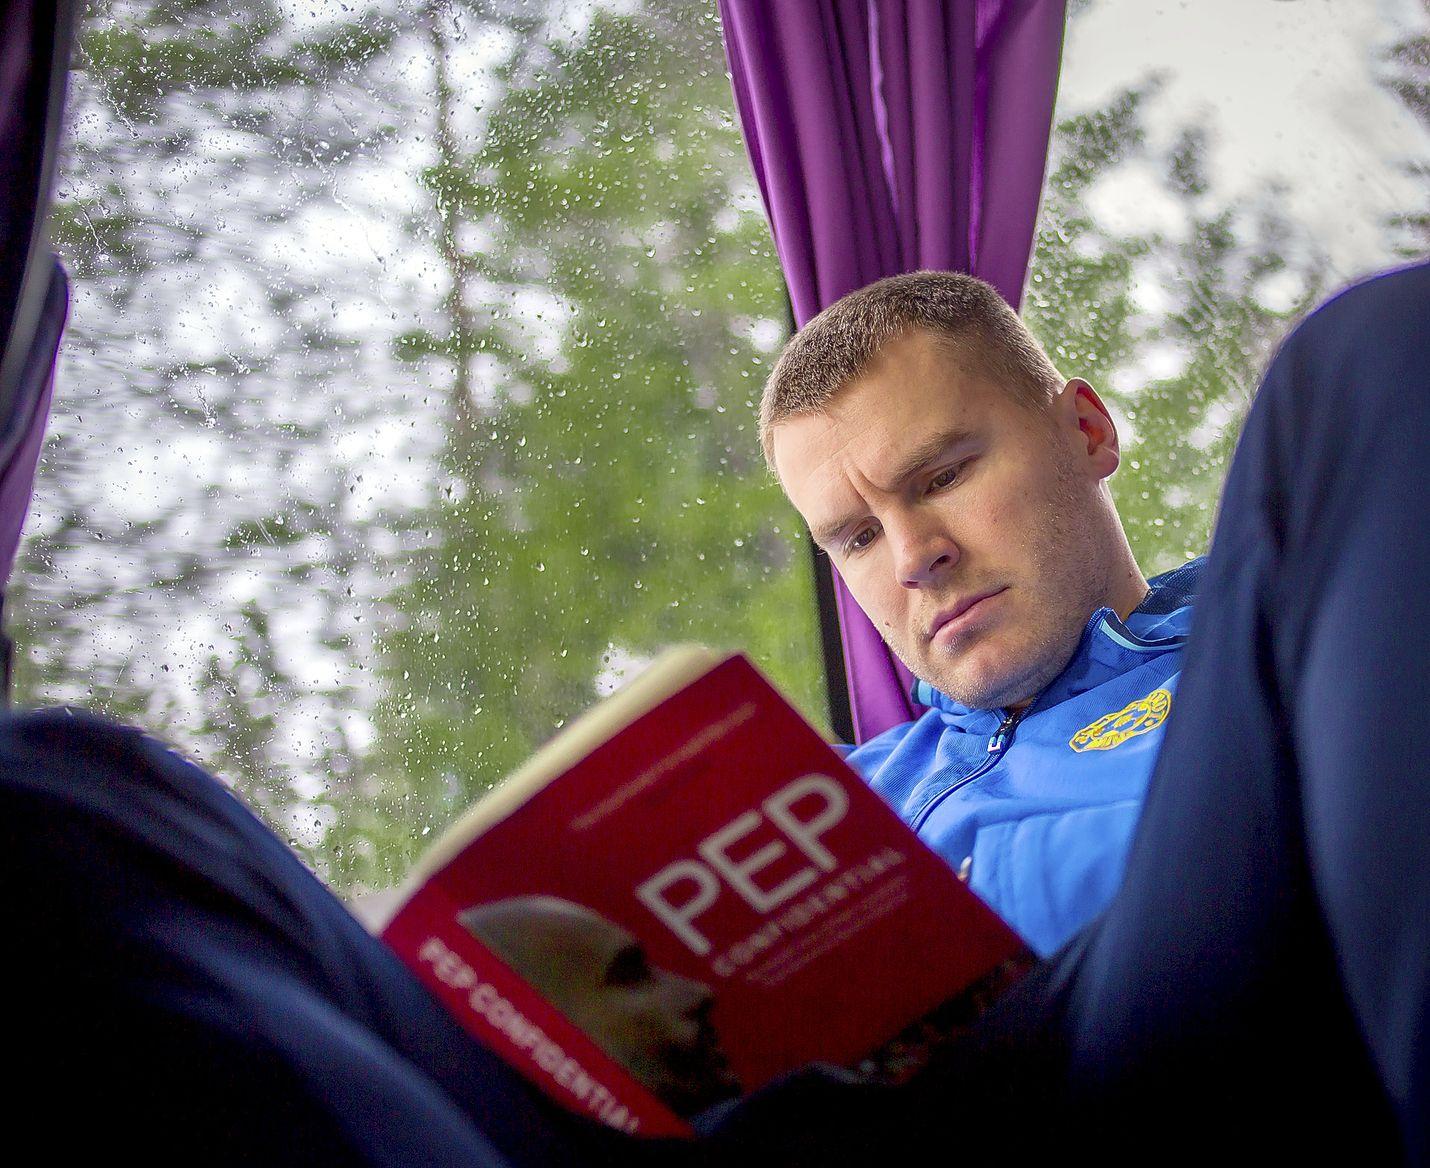 Tähän mennessä Pallo-Iirojen kauden pisimmät reissut on tehty bussilla. Kimmo Hörkkö aikoo viedä joukkueensa Suomenlahden yli hitsautumaan yhteen.